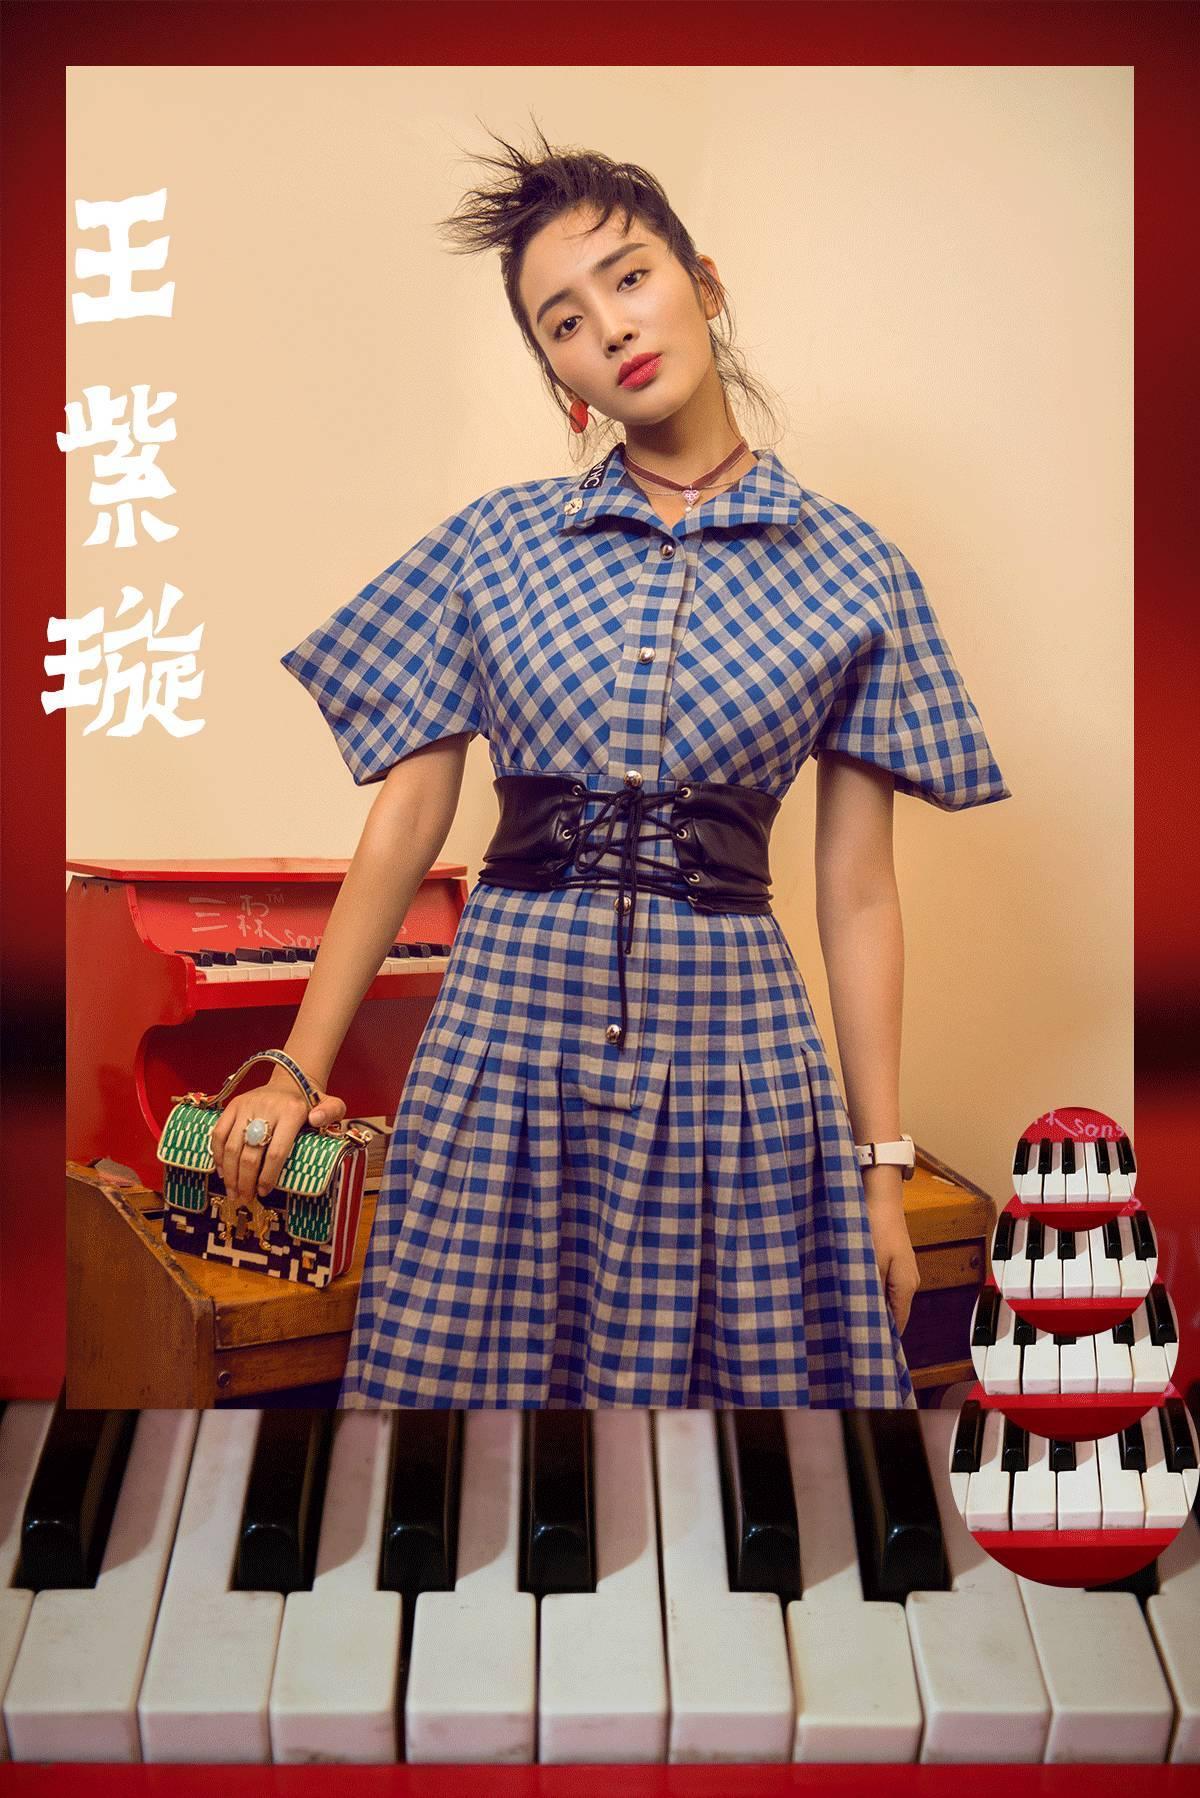 裤子动态�_明星街拍x王紫璇|小神婆,郭二哥喊你回来演《河神》第三季啦